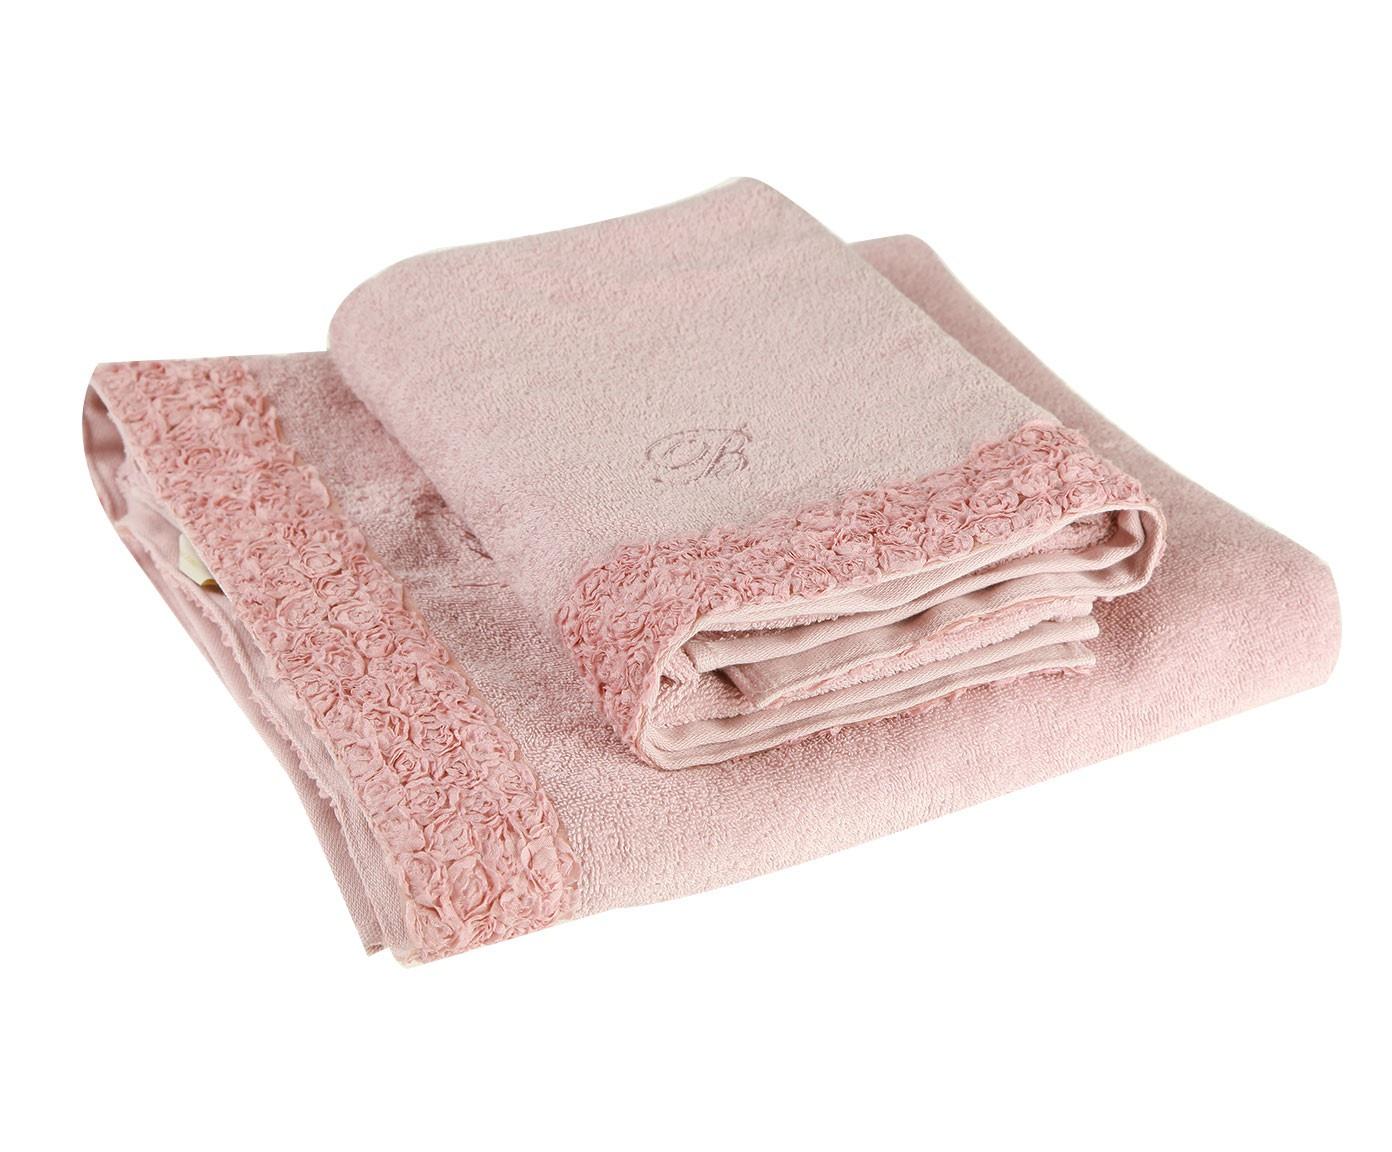 Набор банных полотенец Blumarine Ely Orchidea, розовый набор банных полотенец blumarine dustin white белый